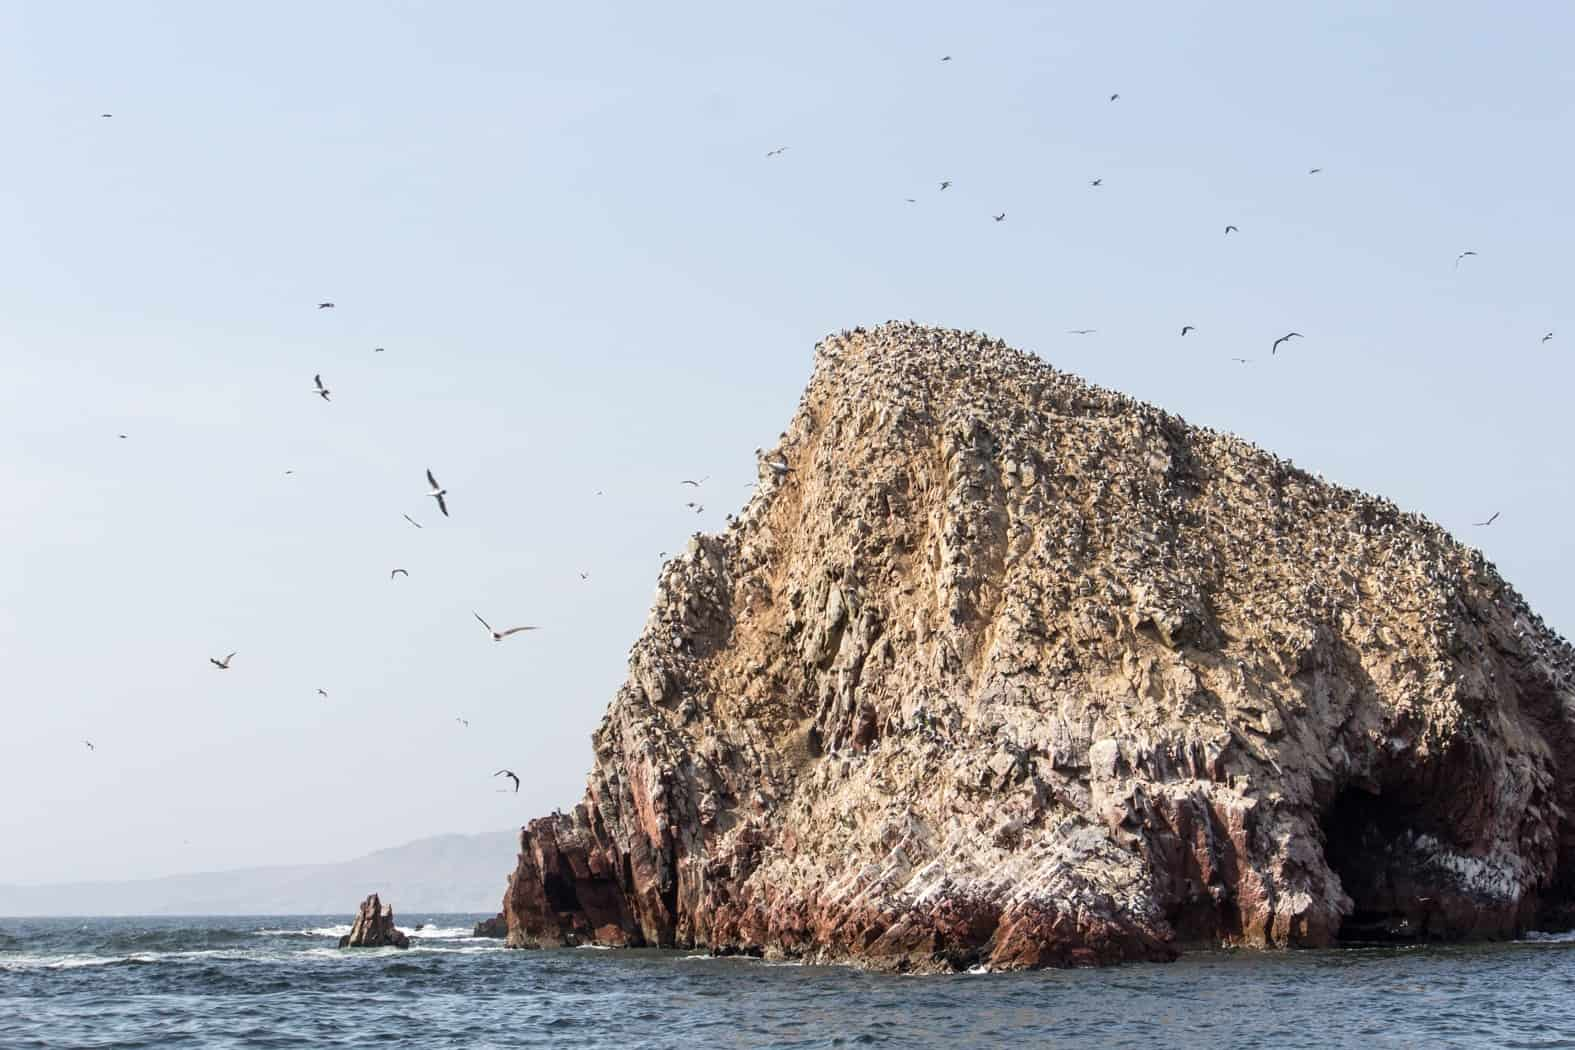 Islas-Ballestas-Paracas-26